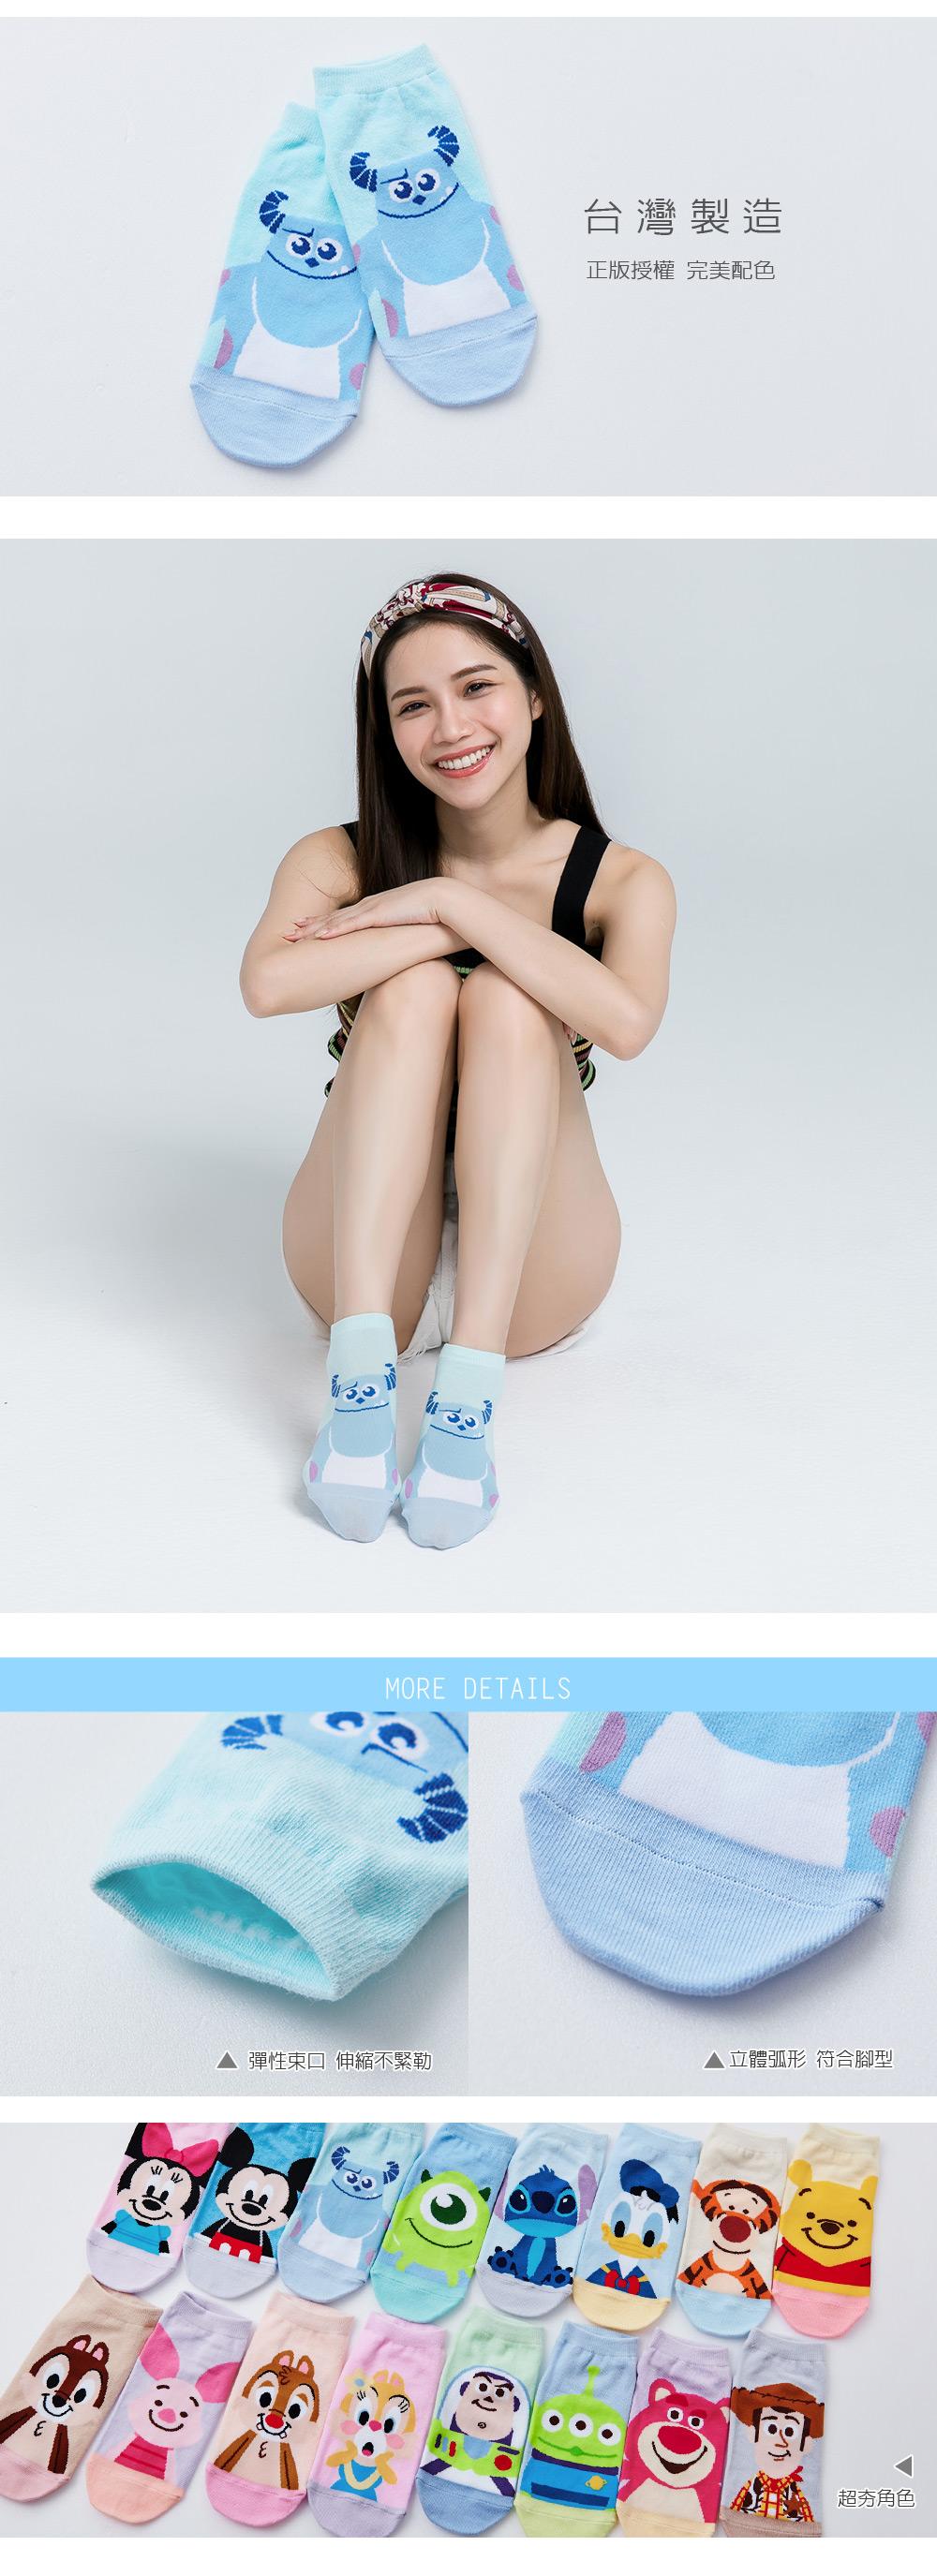 毛怪微笑系列直版襪-20